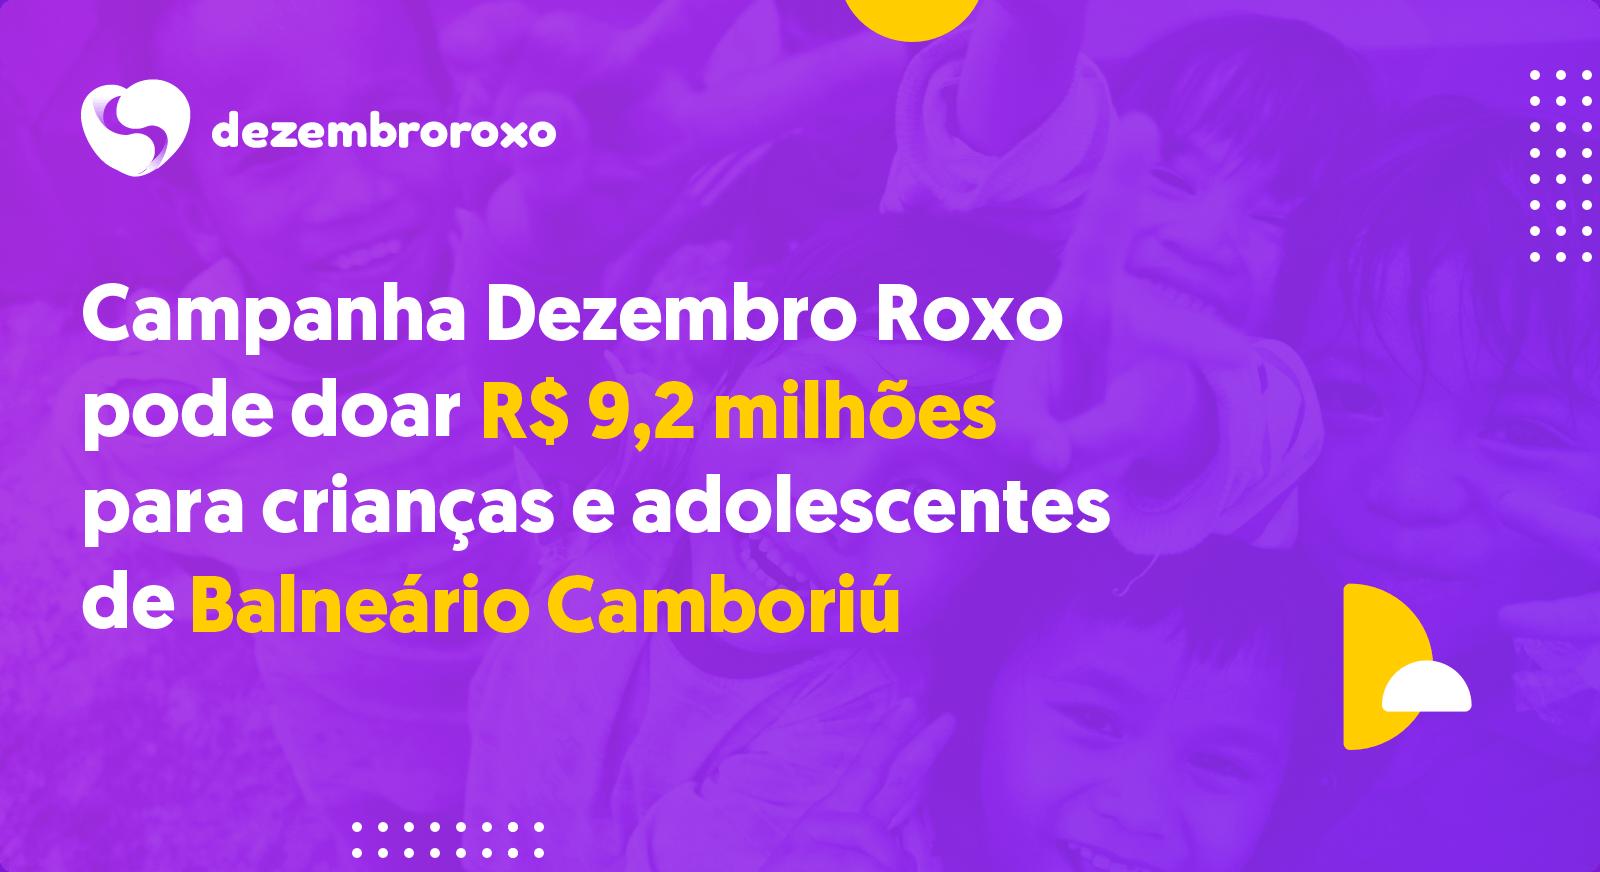 Doações em Balneário Camboriú - SC